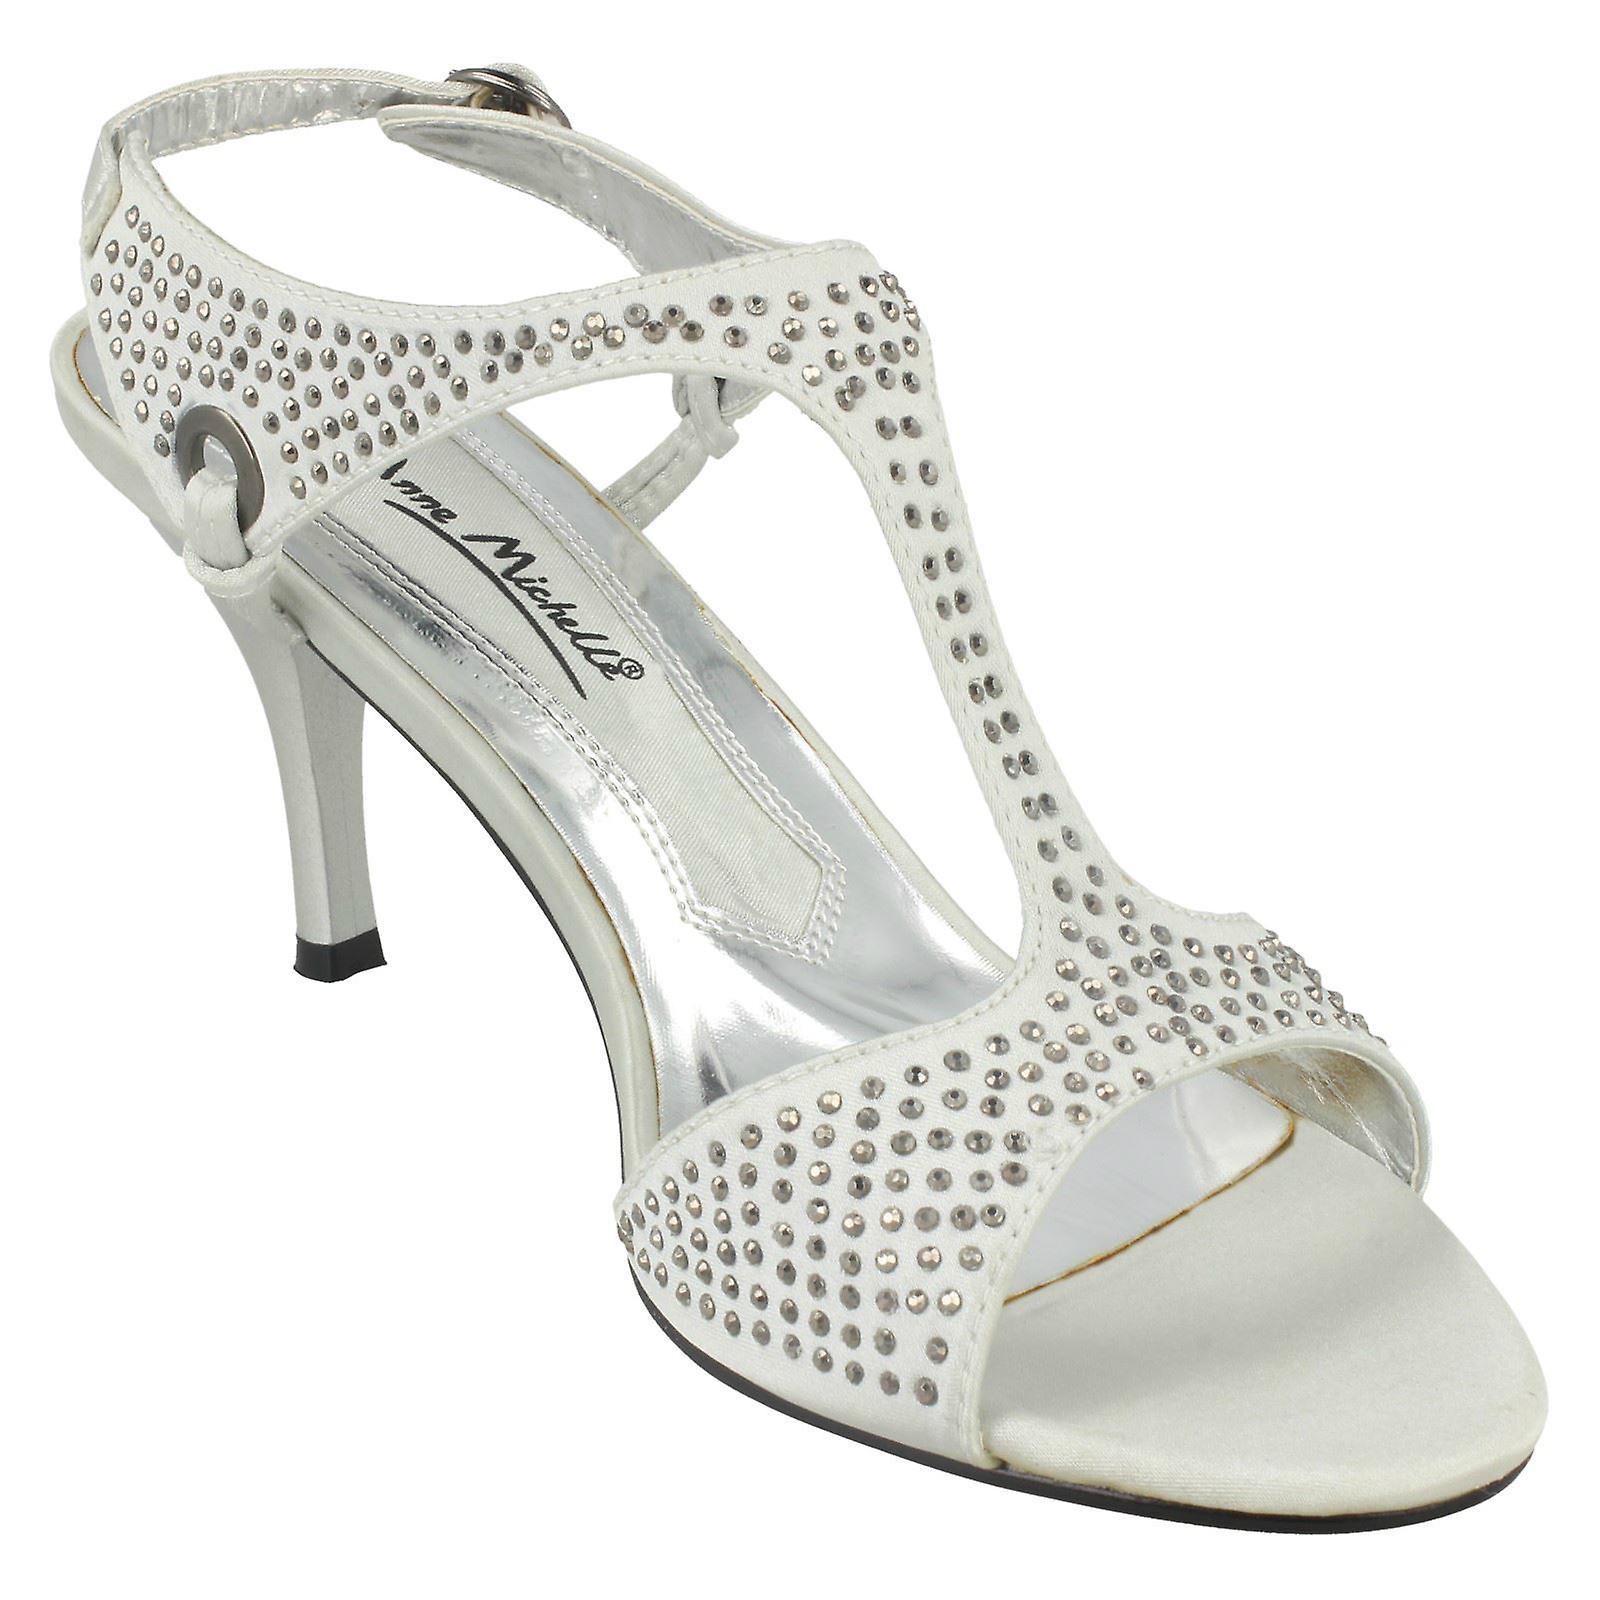 Ladies Size 6 Anne Studded Silver Kitten Michelle Size EU 8 US Size Open UK Satin 39 Heel Sandal Toe L3303 xxwrOR